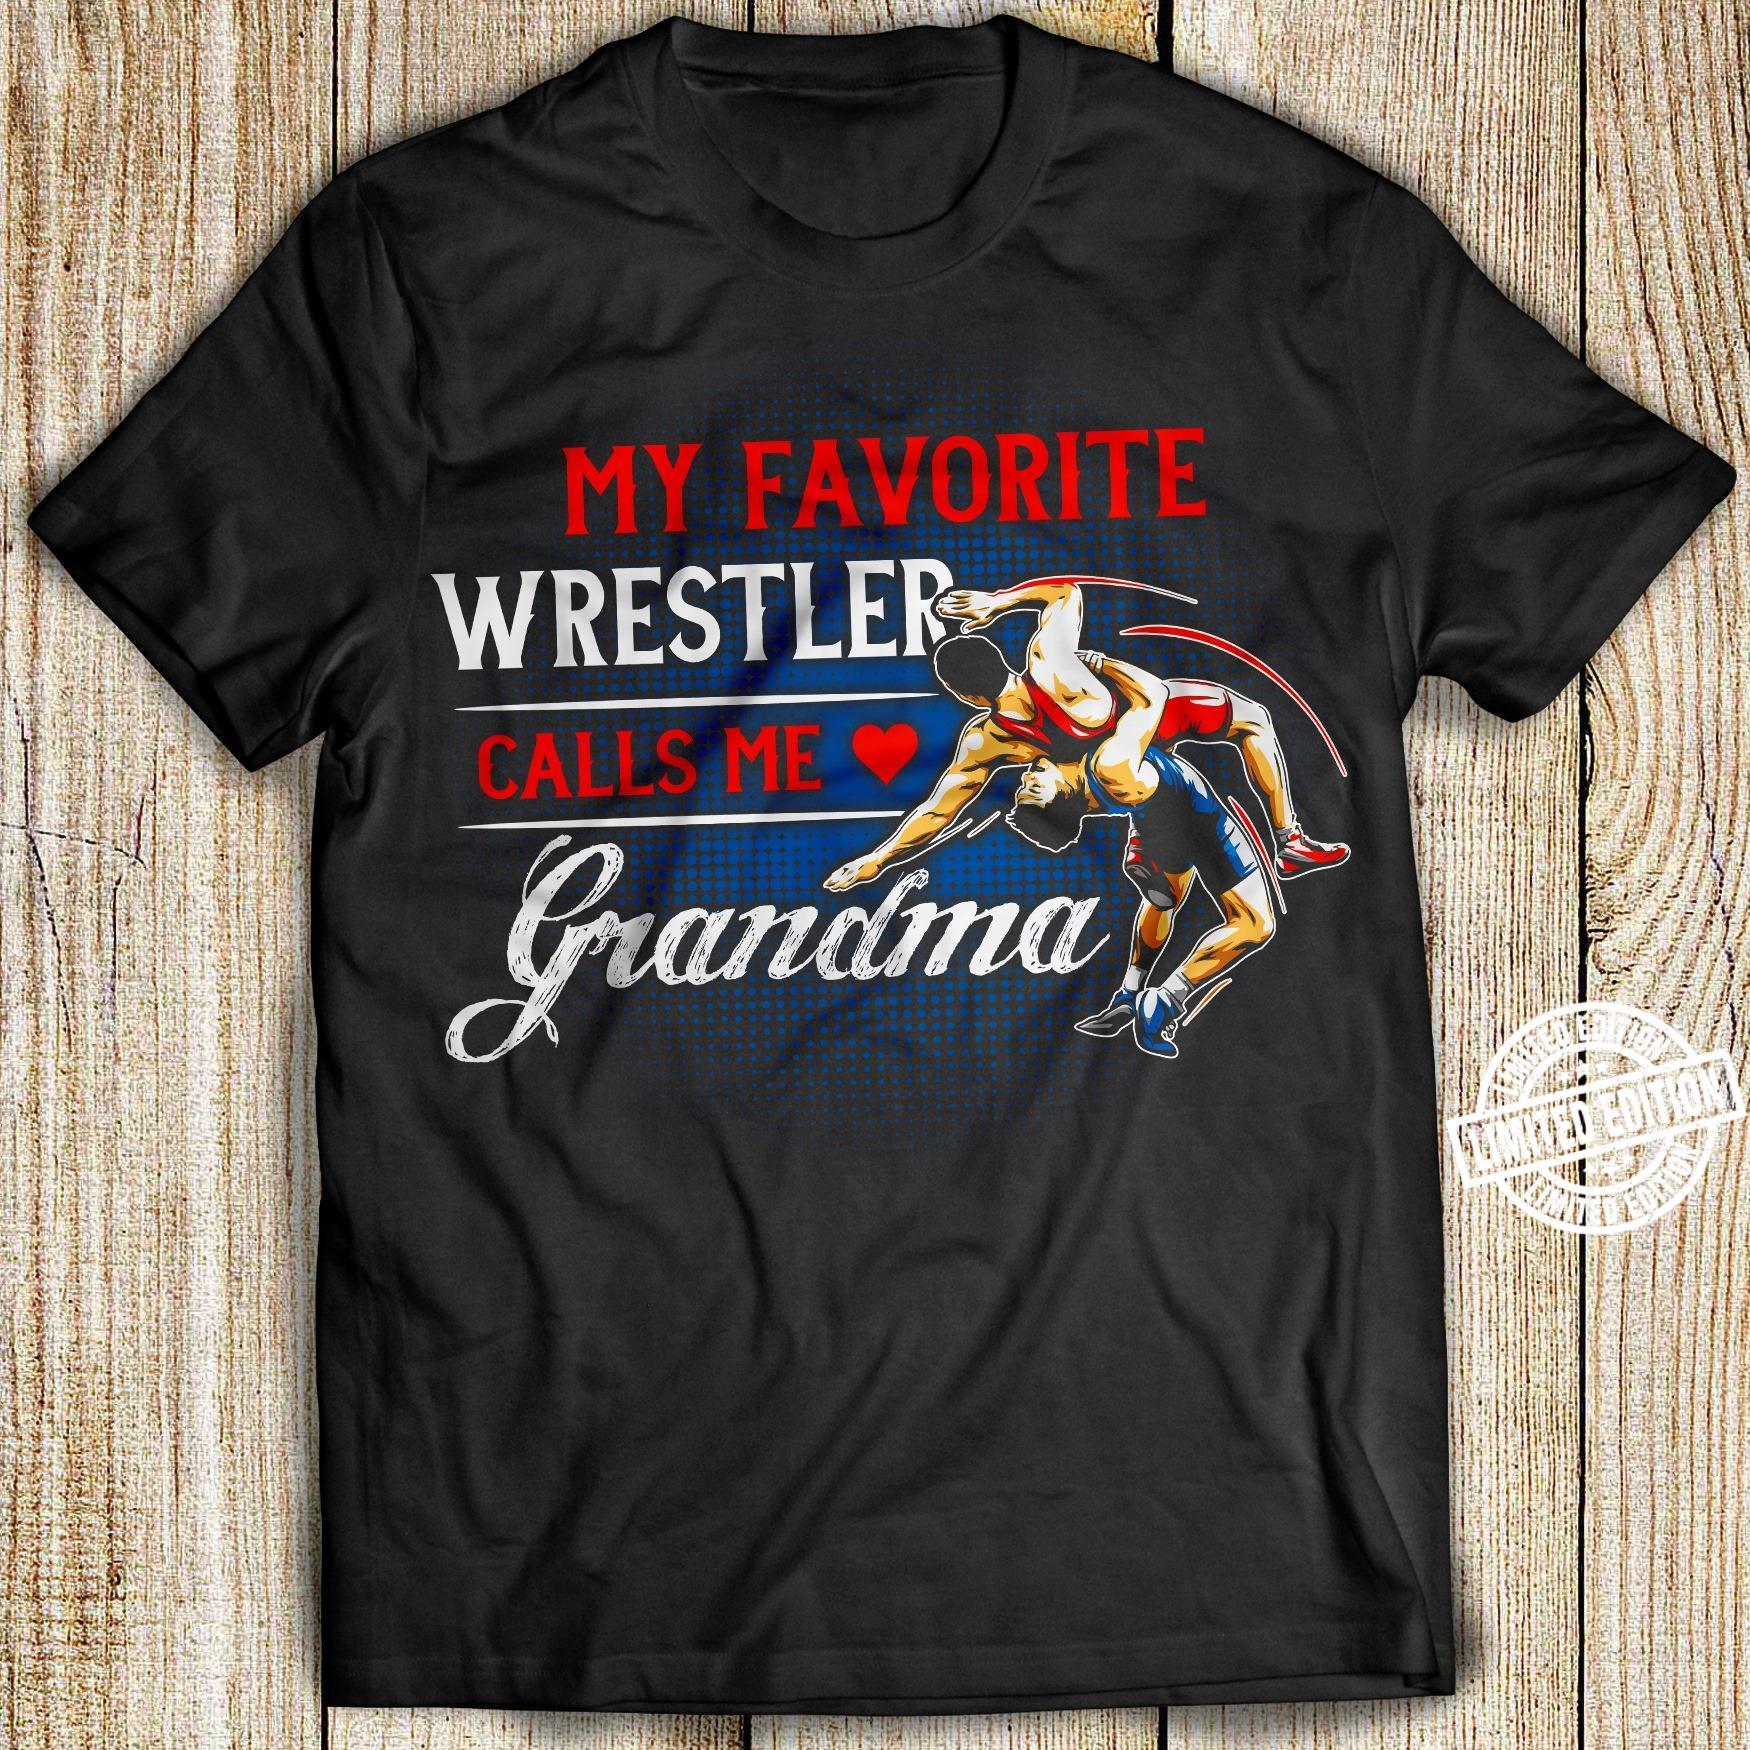 My favorite wrester calls me grandma shirt